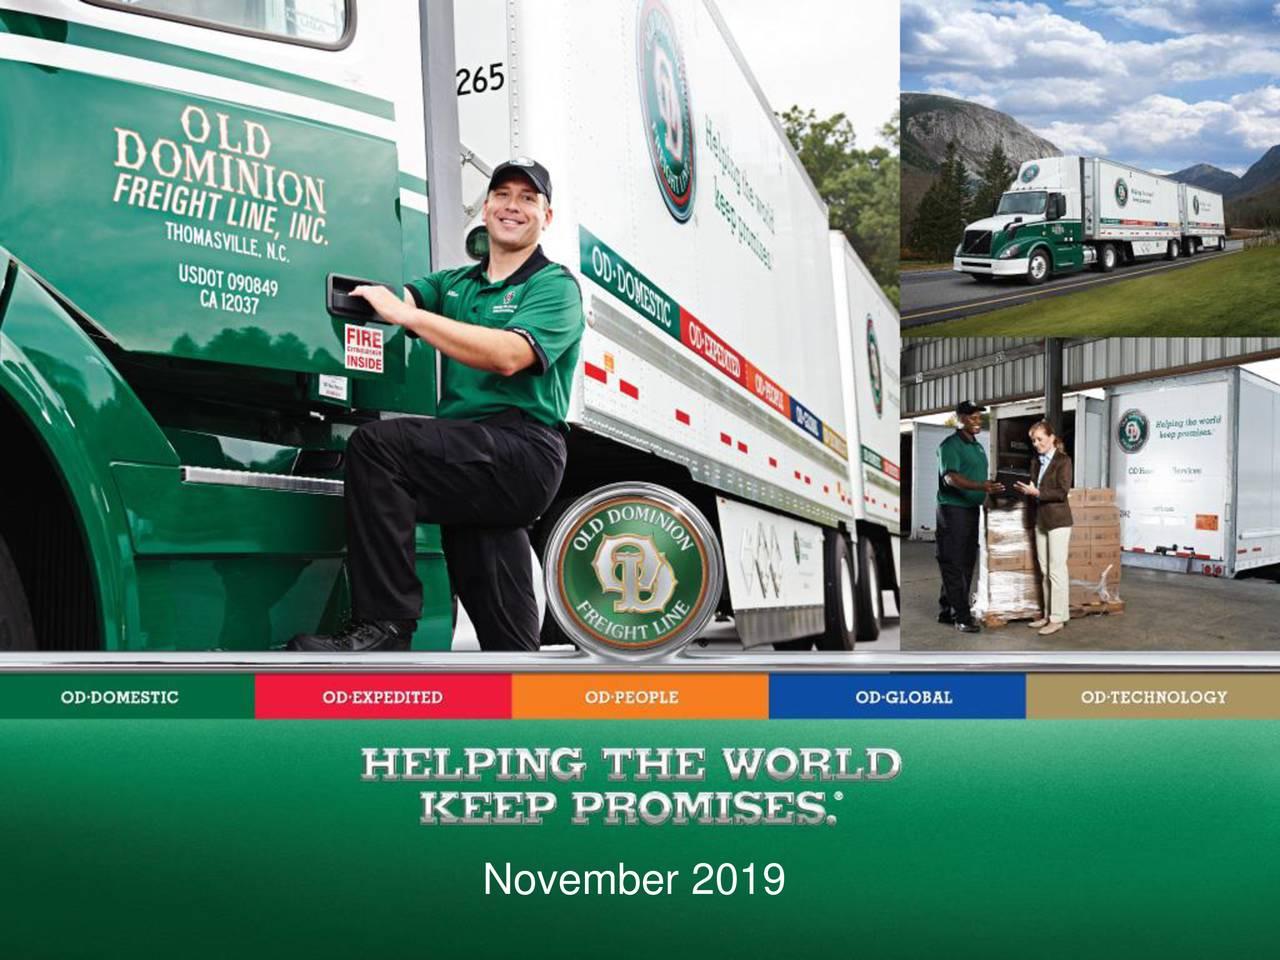 Old Dominion Freight Line, Inc. 2019 Q3 - Results - Earnings Call Presentation - Old Dominion Freight Line, Inc. (NASDAQ:ODFL) | Seeking Alpha